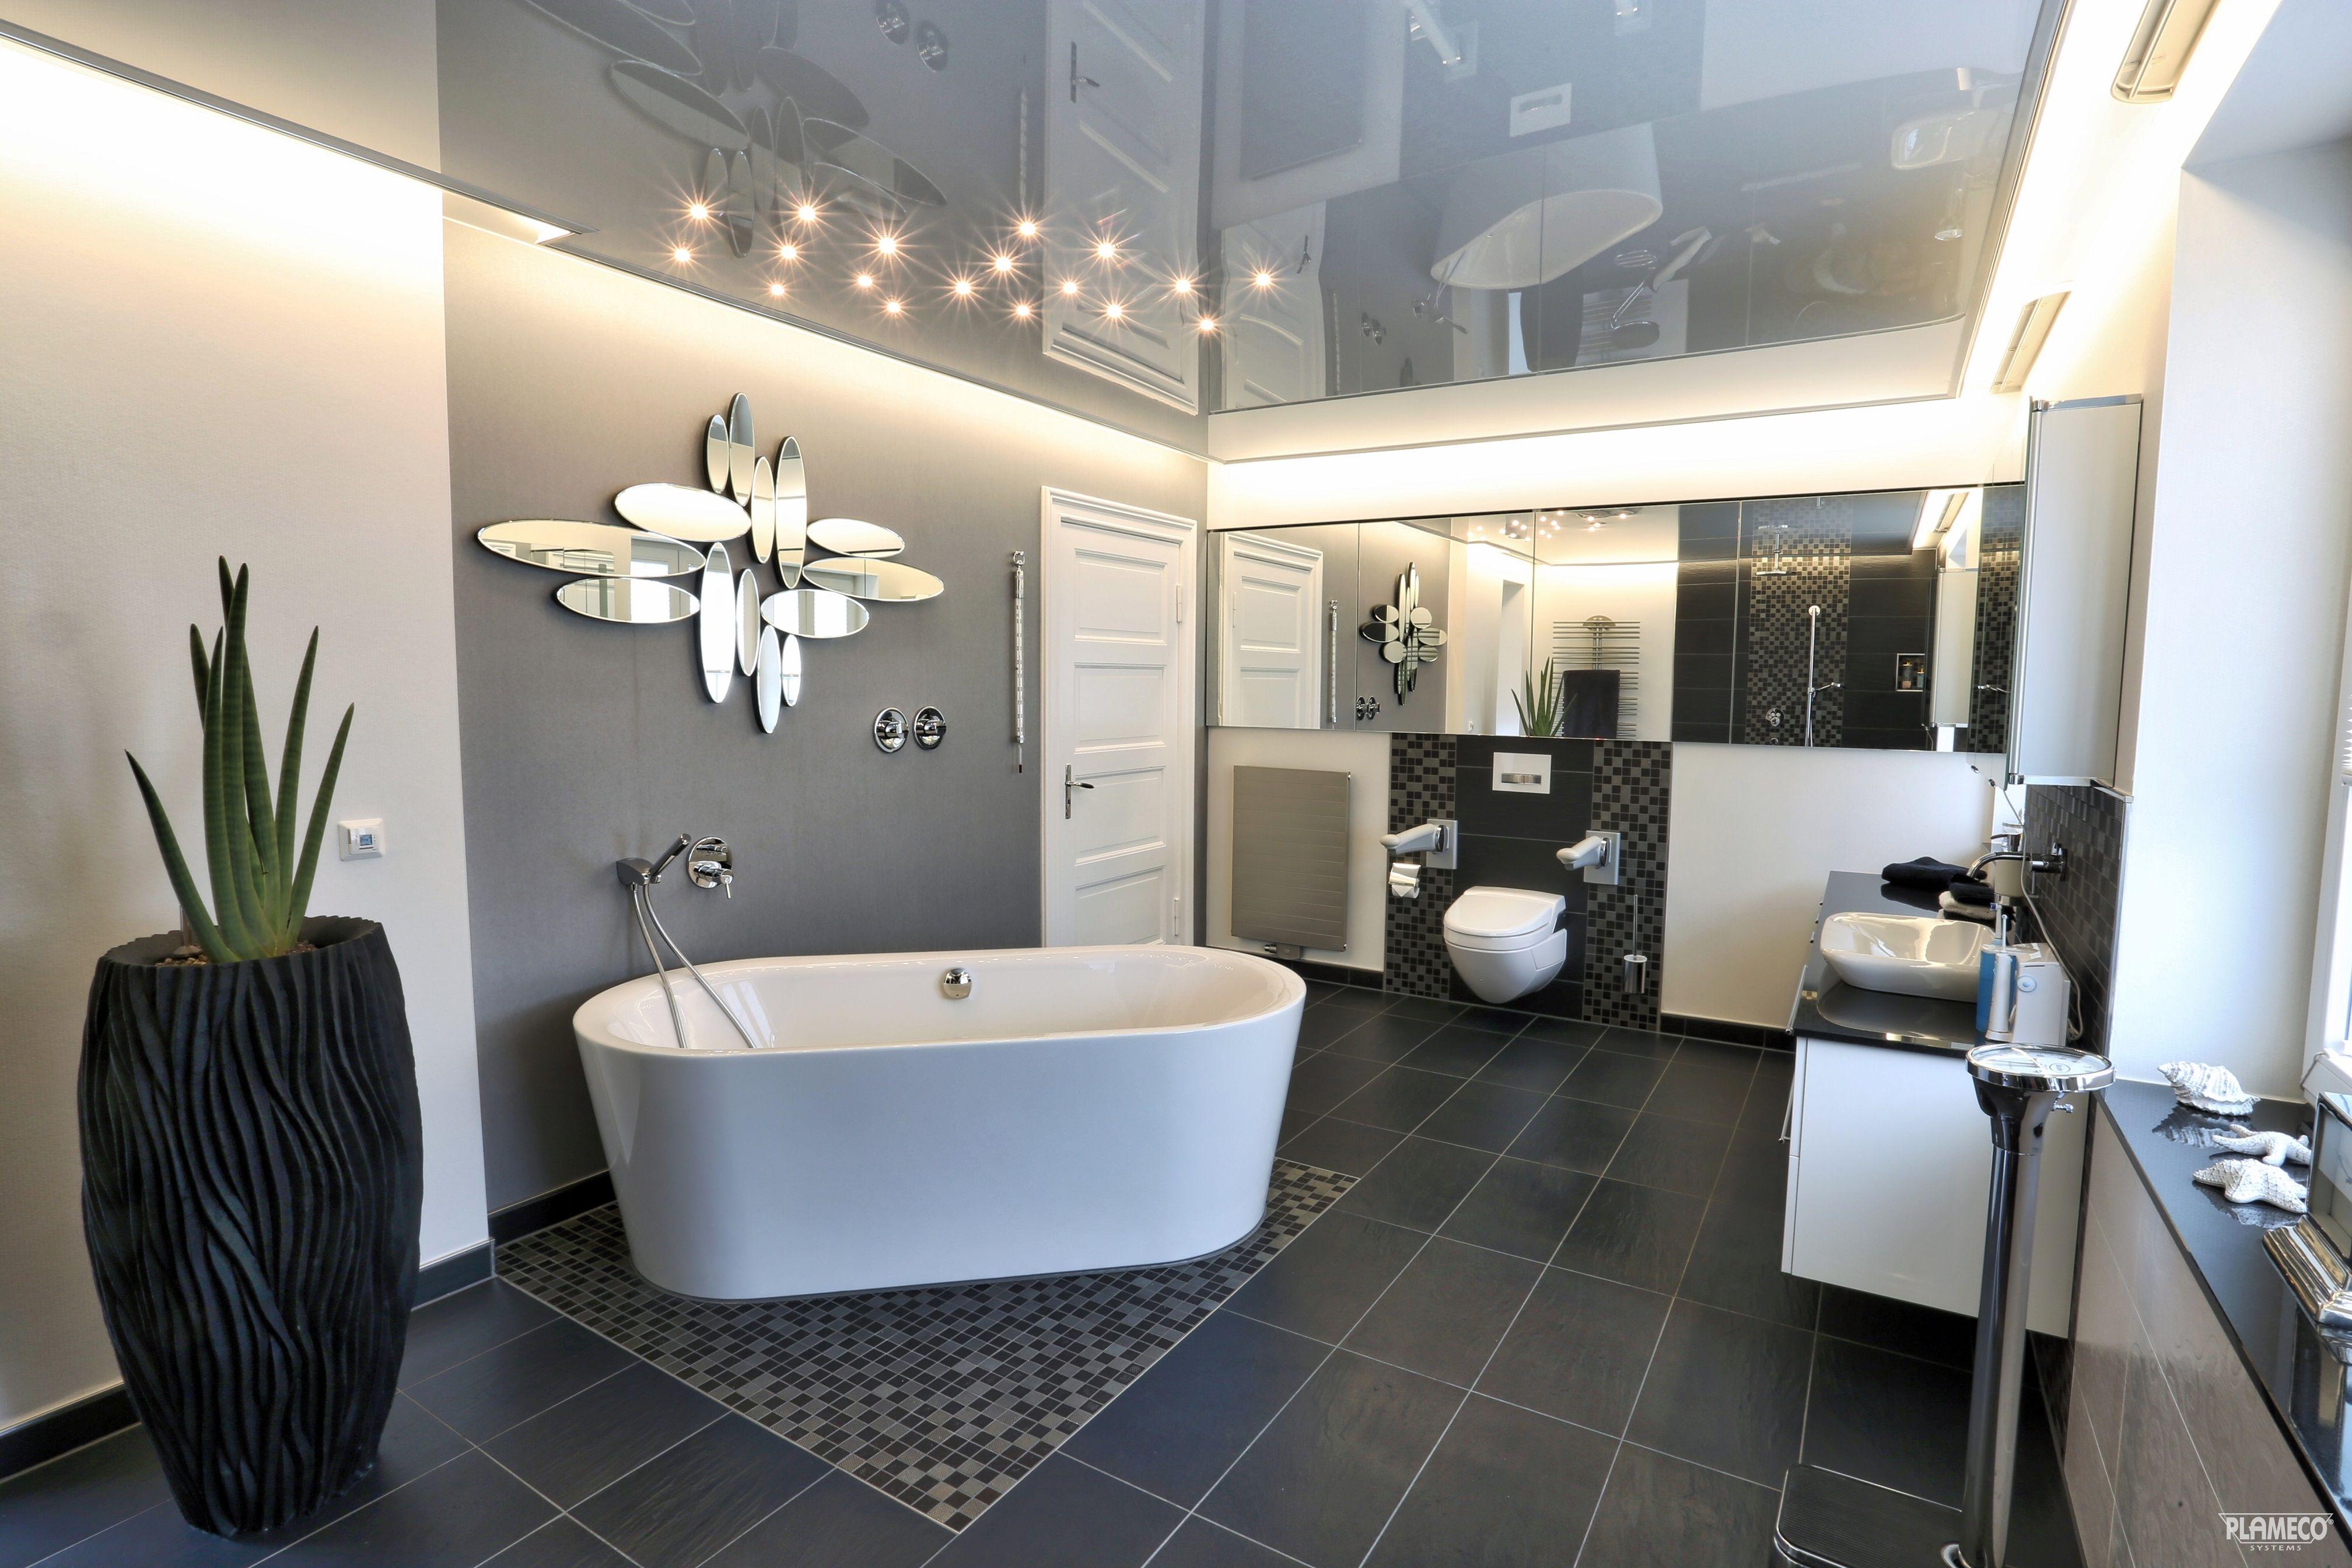 Spanplafond in de badkamer Spanndecke von Plameco als ...